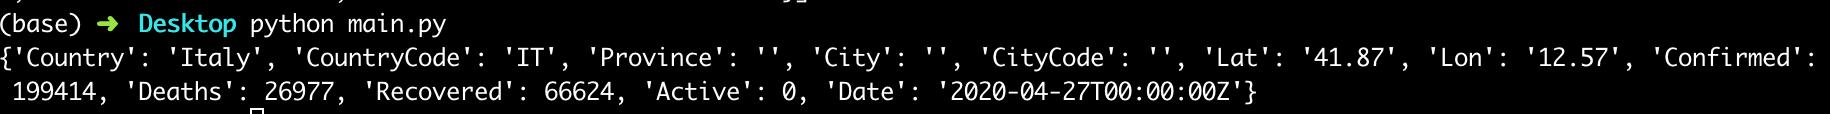 come ottenere dati coronavirus in formato JSON con python usando una API